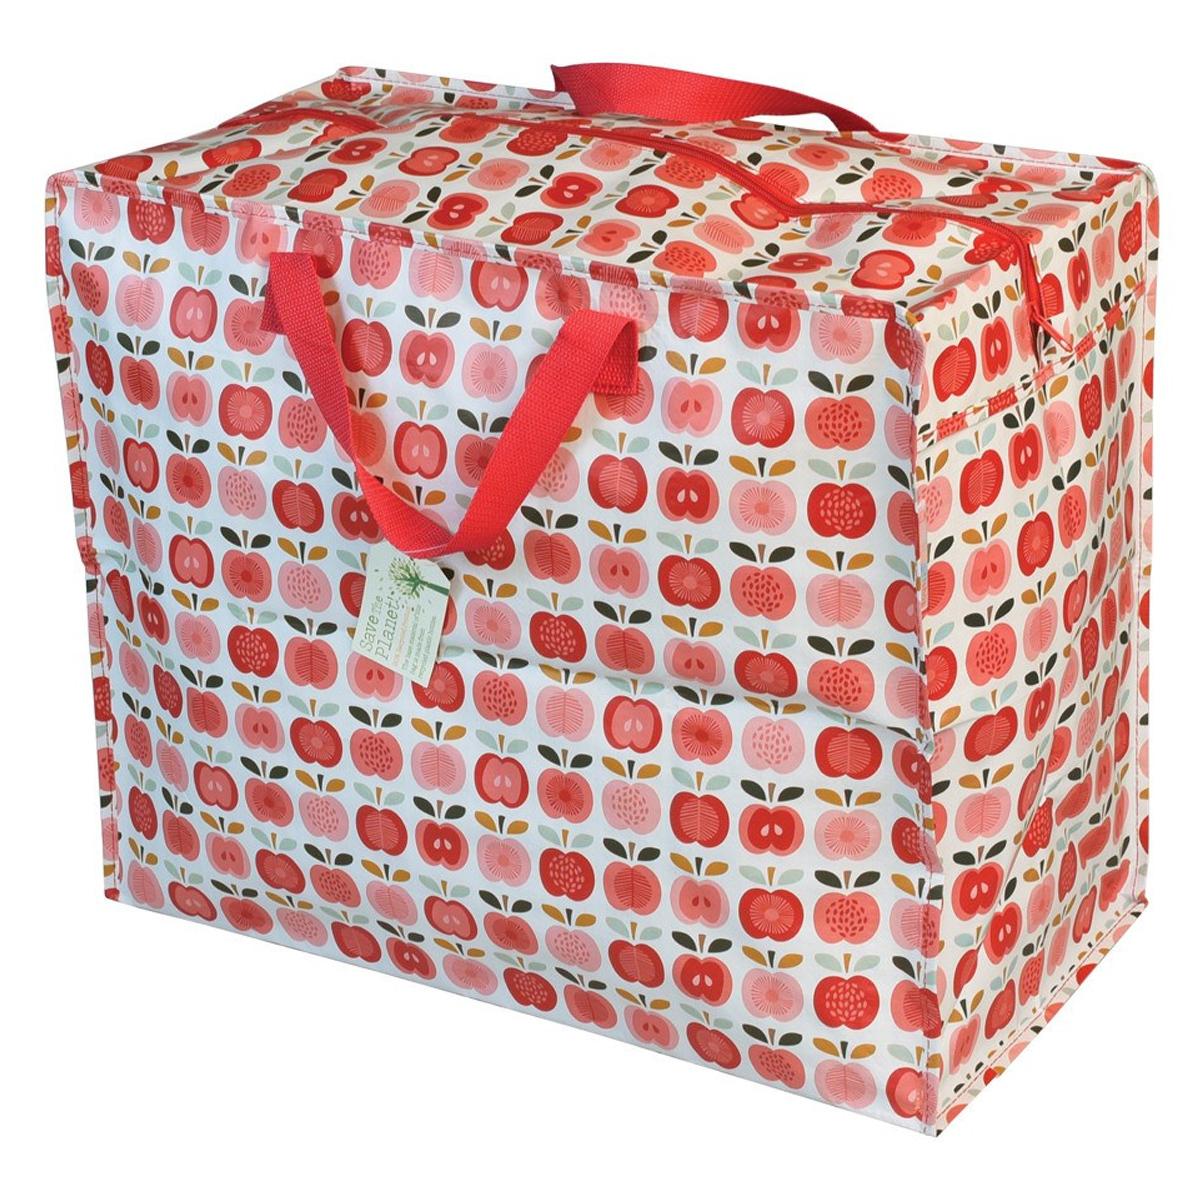 Rangement jouet Sac de Rangement Jumbo - Vintage Apples Sac de Rangement Jumbo - Vintage Apples